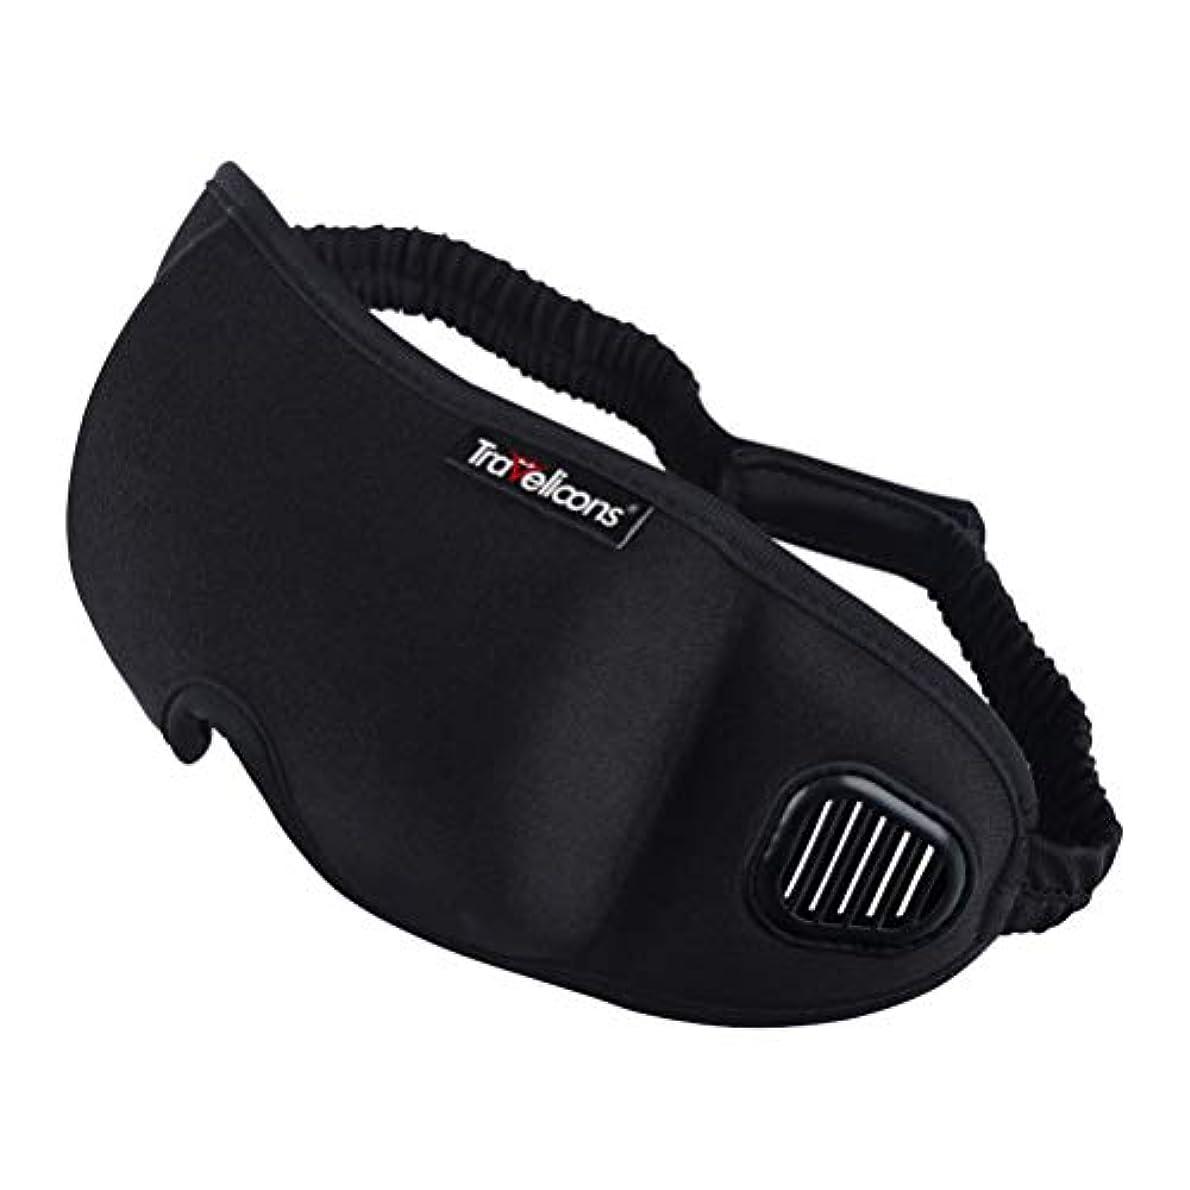 アパート日常的にねじれSUPVOX 男性と女性のための3Dスリープアイマスク(耳栓のない黒)